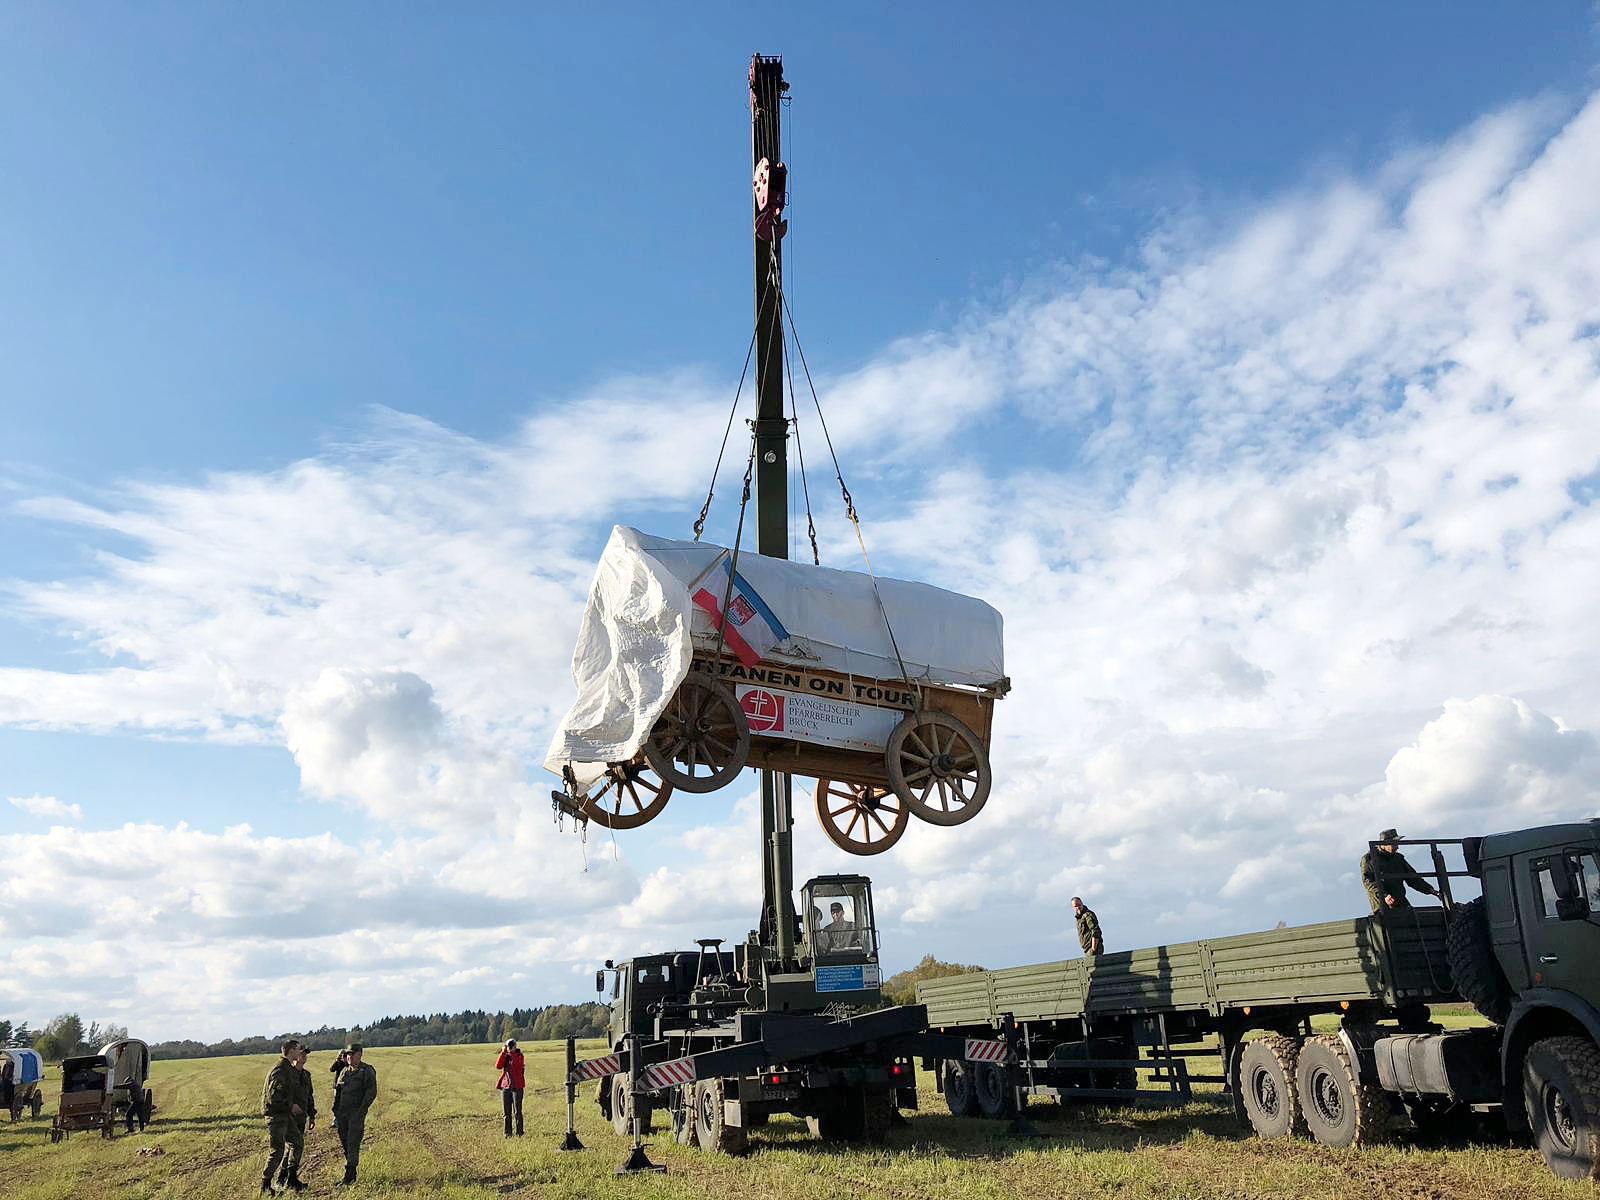 Titanen on tour - der Glockenwagen in russischer Hand